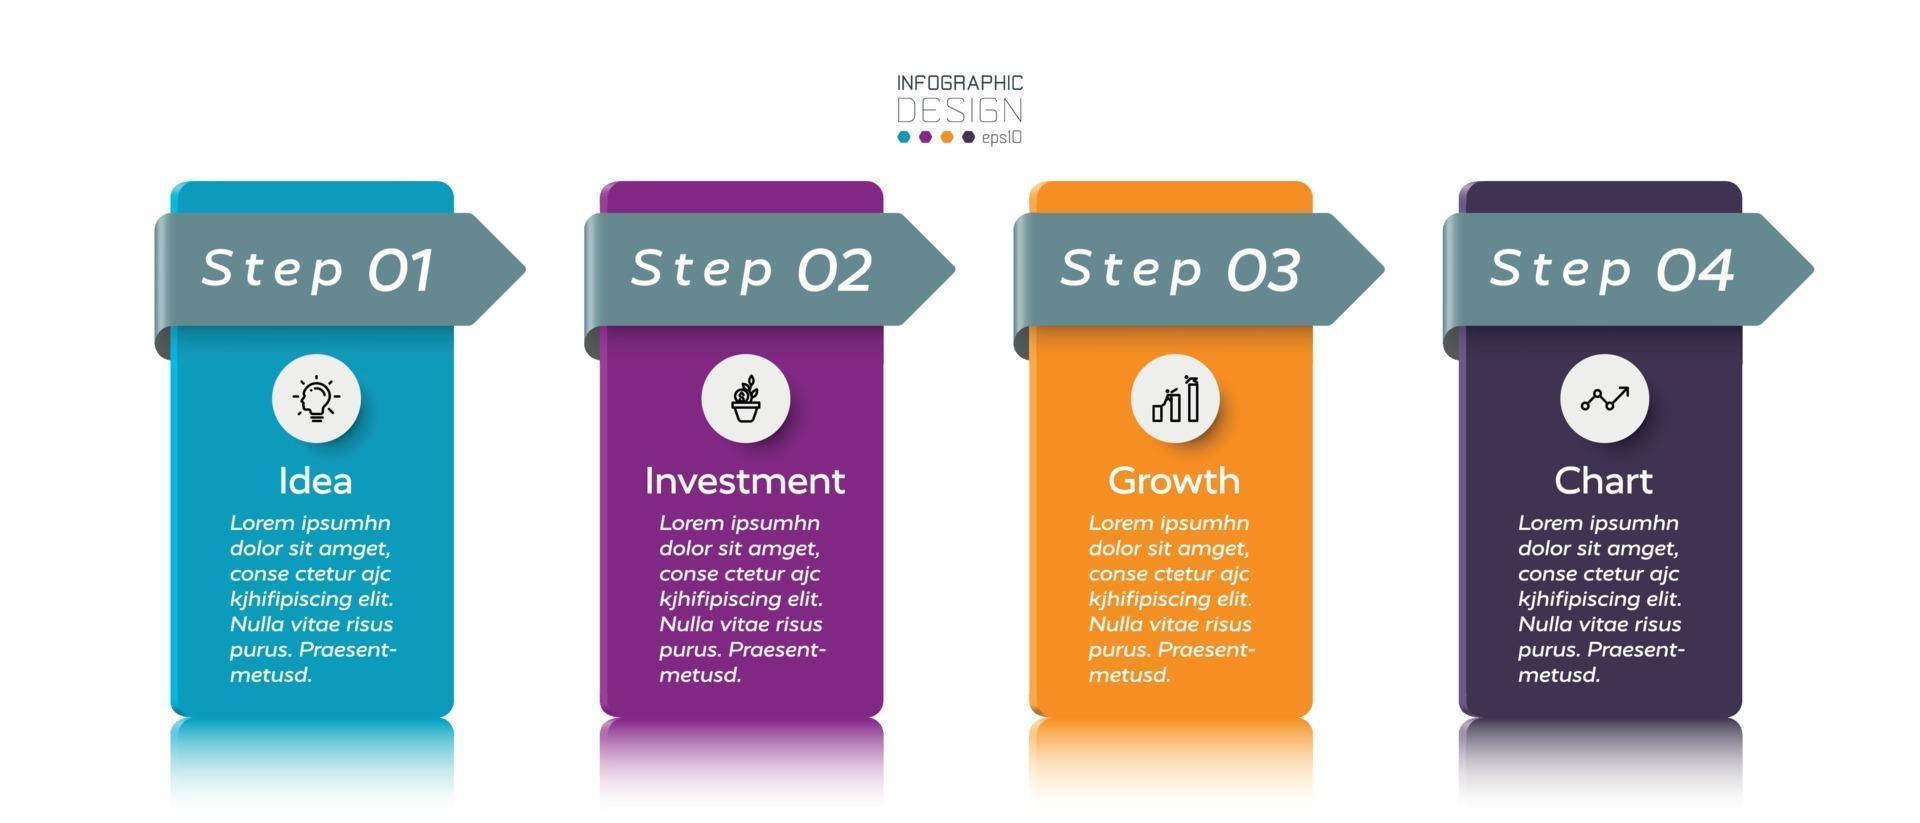 4 passaggi della piazza in operazioni, pianificazione marketing e pianificazione aziendale. vettore infografica.